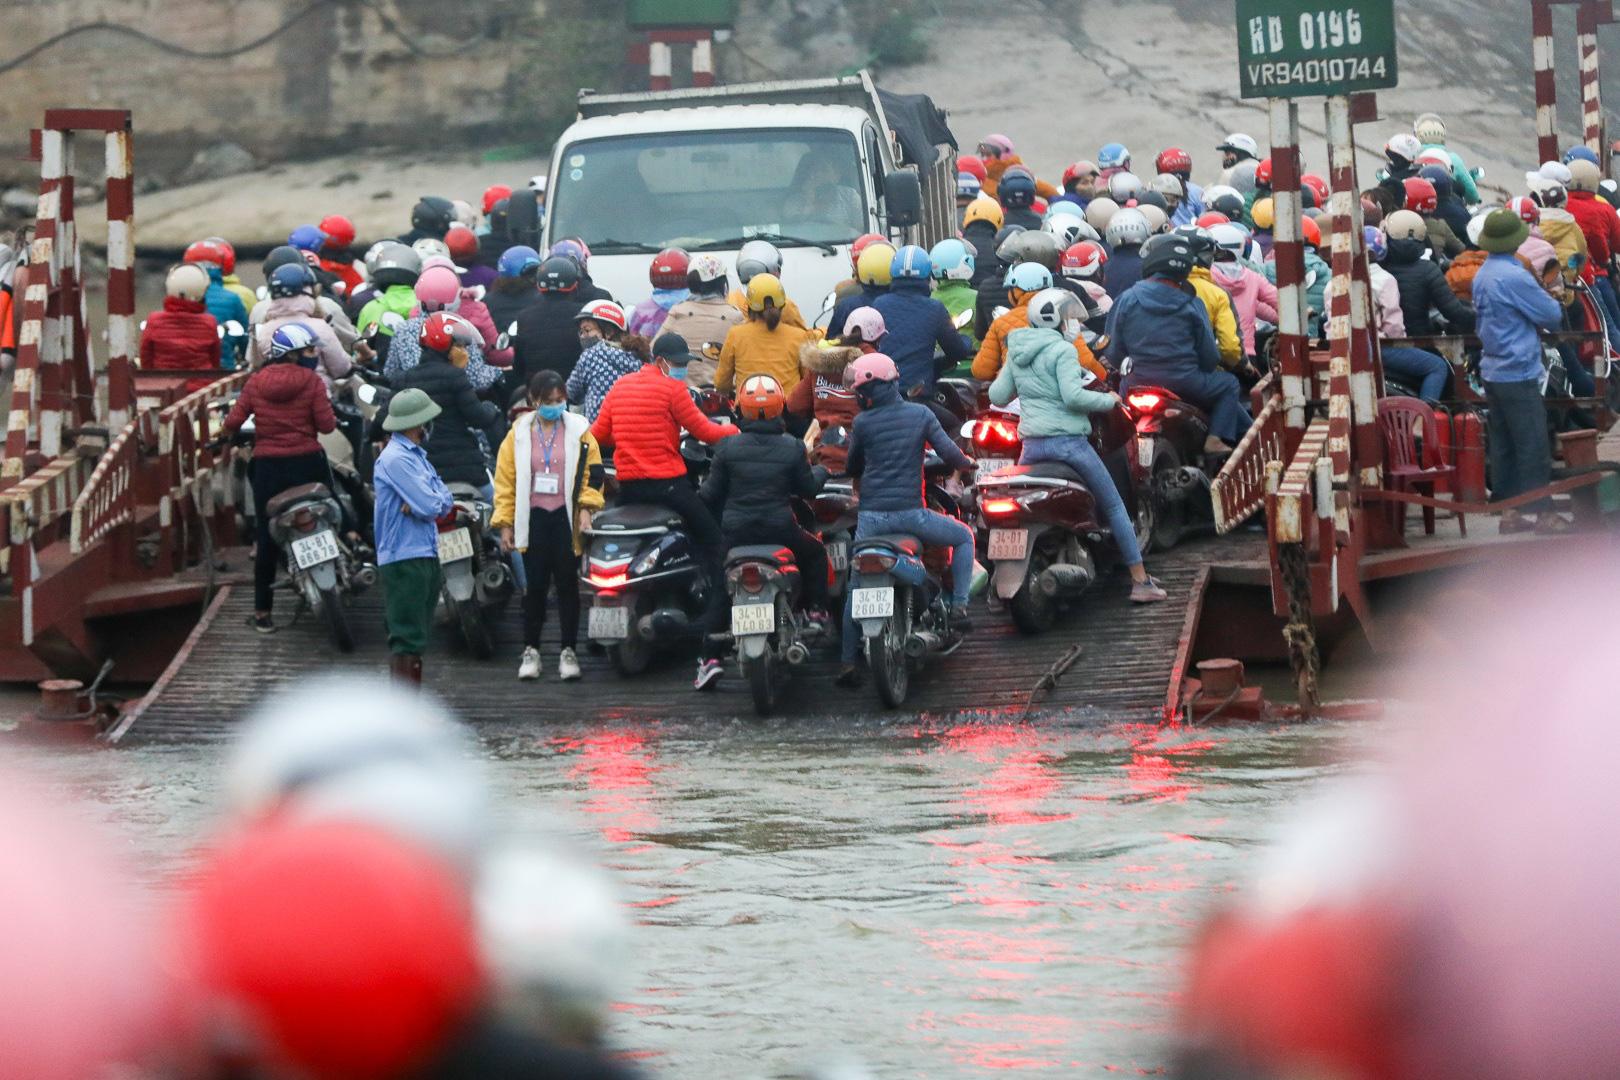 Hải Dương: Hàng ngàn người ùn ùn đợi đò giữa thời dịch Covid-19 - Ảnh 6.